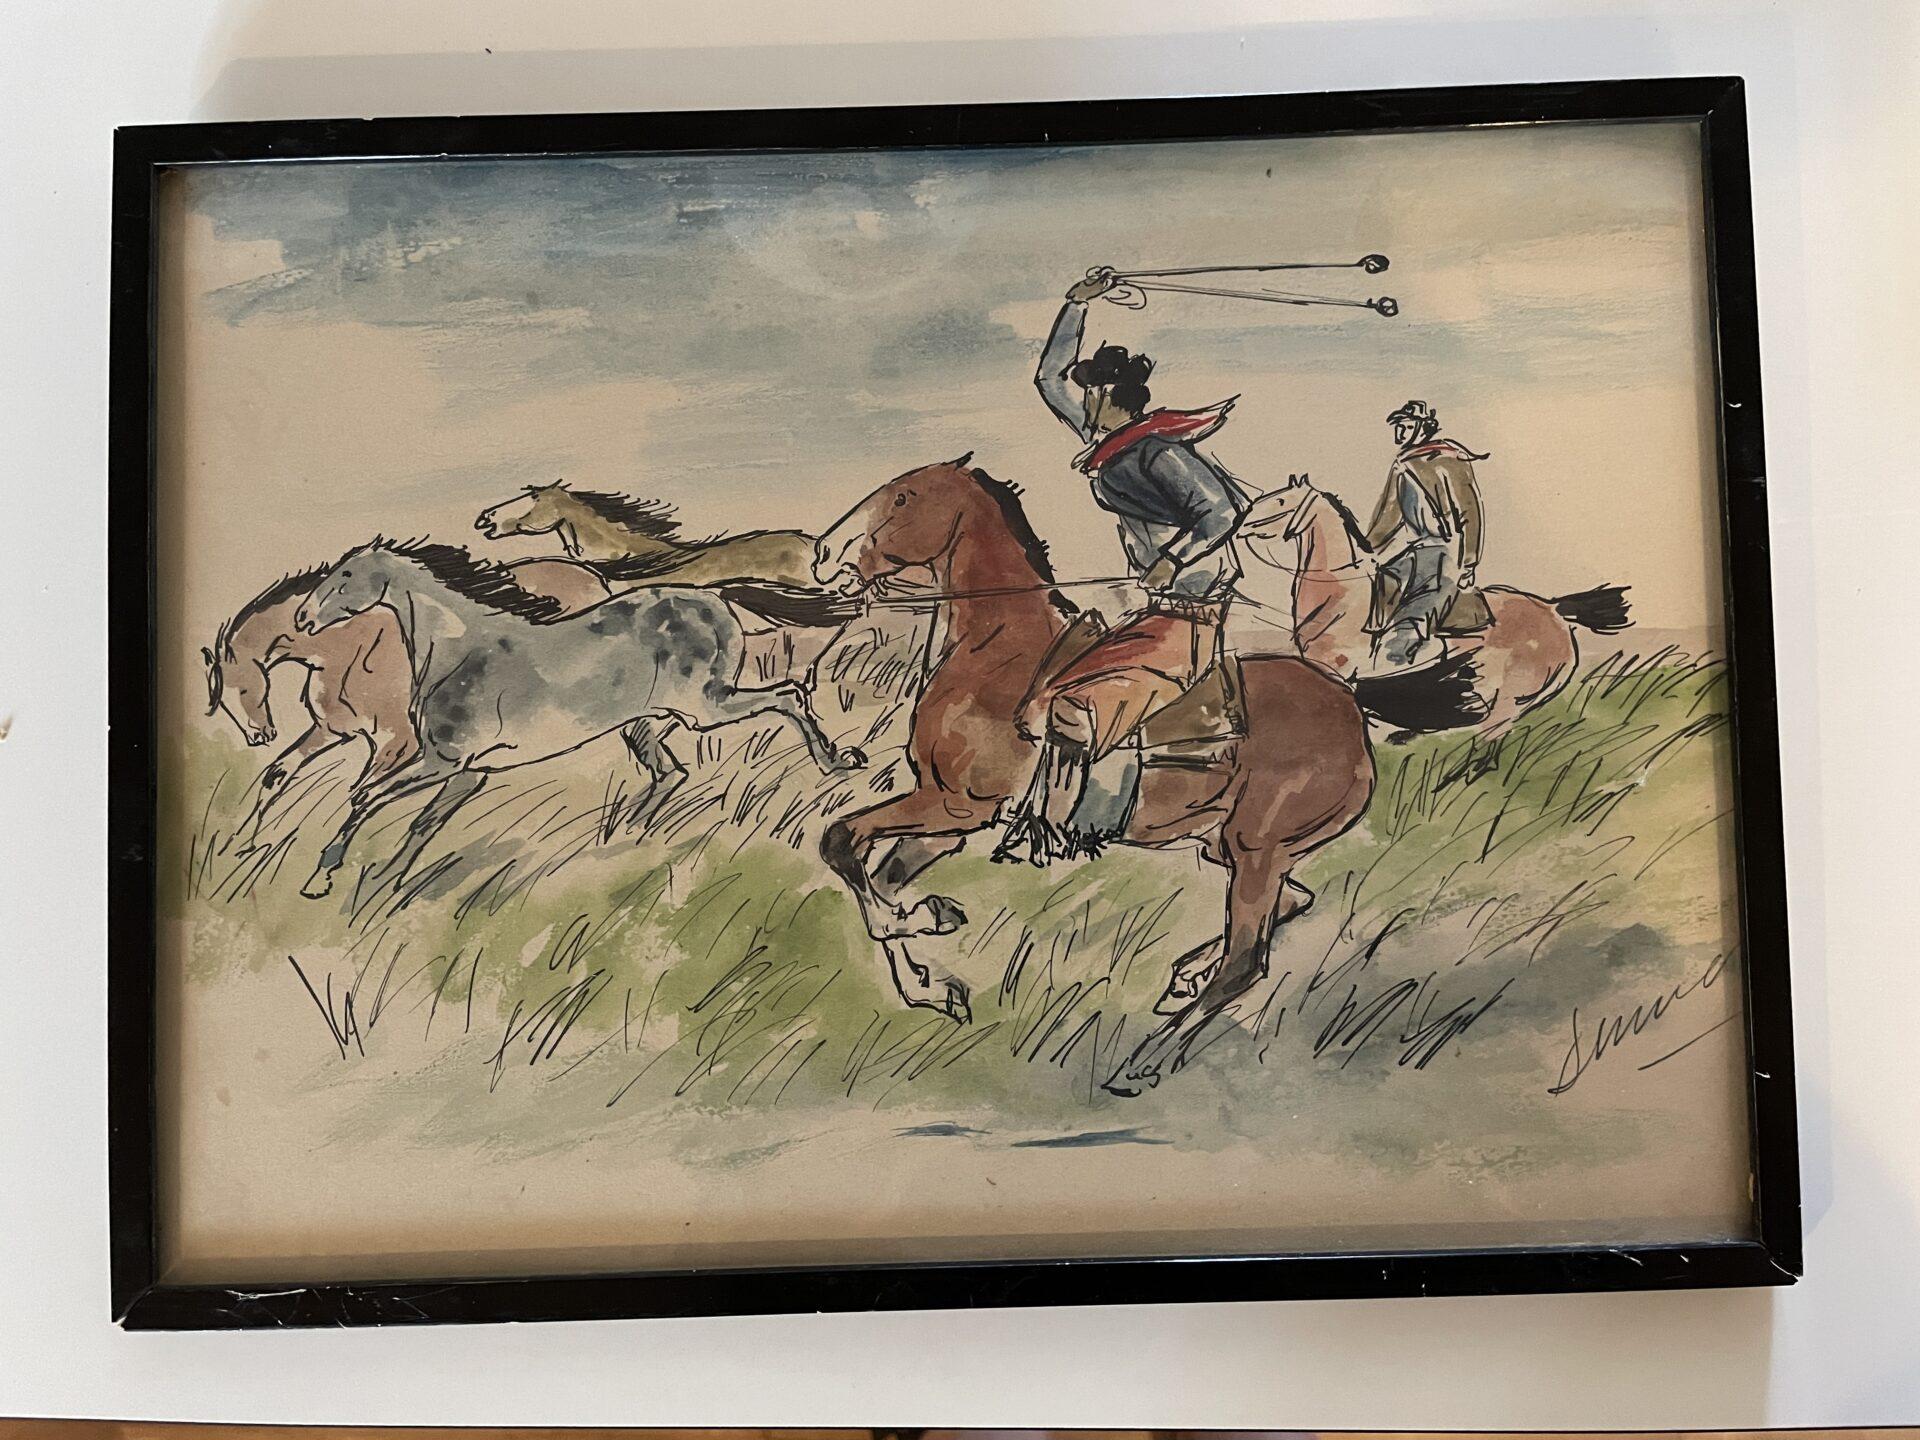 lille akvarel,  ukendt kunstner, rammemål 31x22cm, indrammet ca 1940-1950, pris 300kr